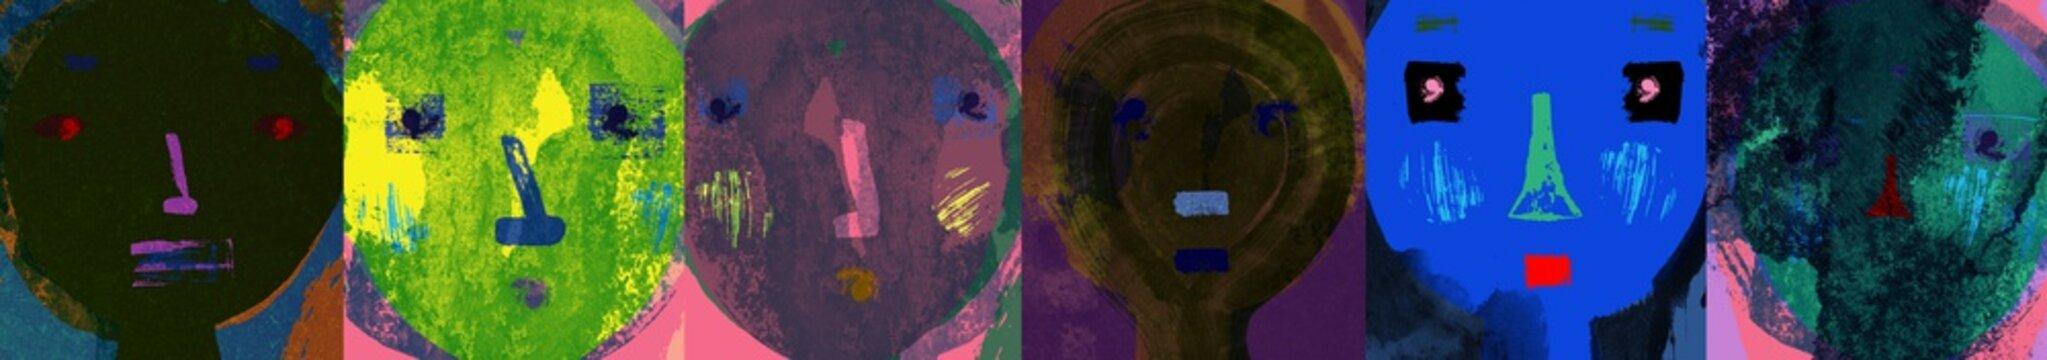 Faces Illustration Wide Format Banner